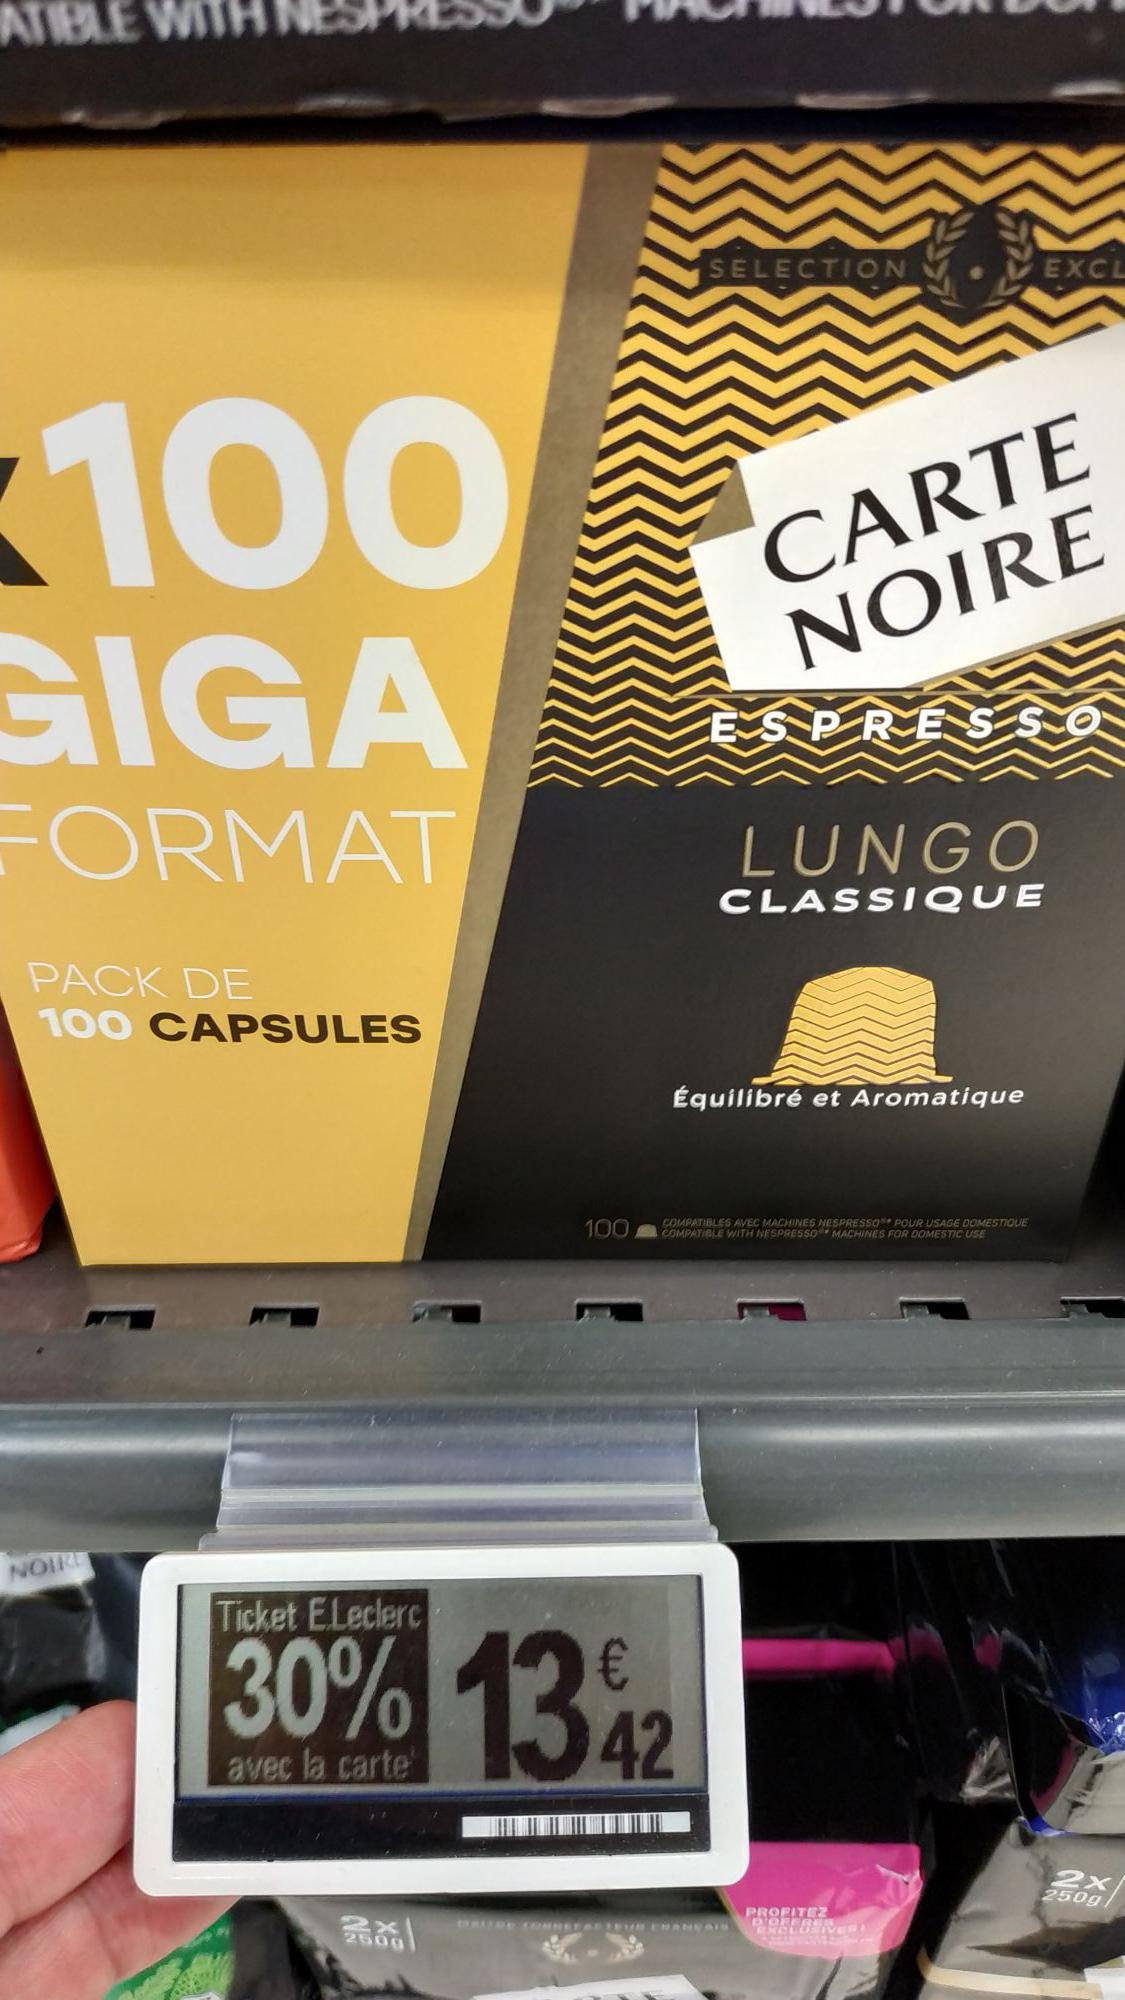 Paquet de 100 dosettes de café Carte Noire (Nespresso) - différentes variétés - Pont Sainte Maxence (60) + ticket Leclerc